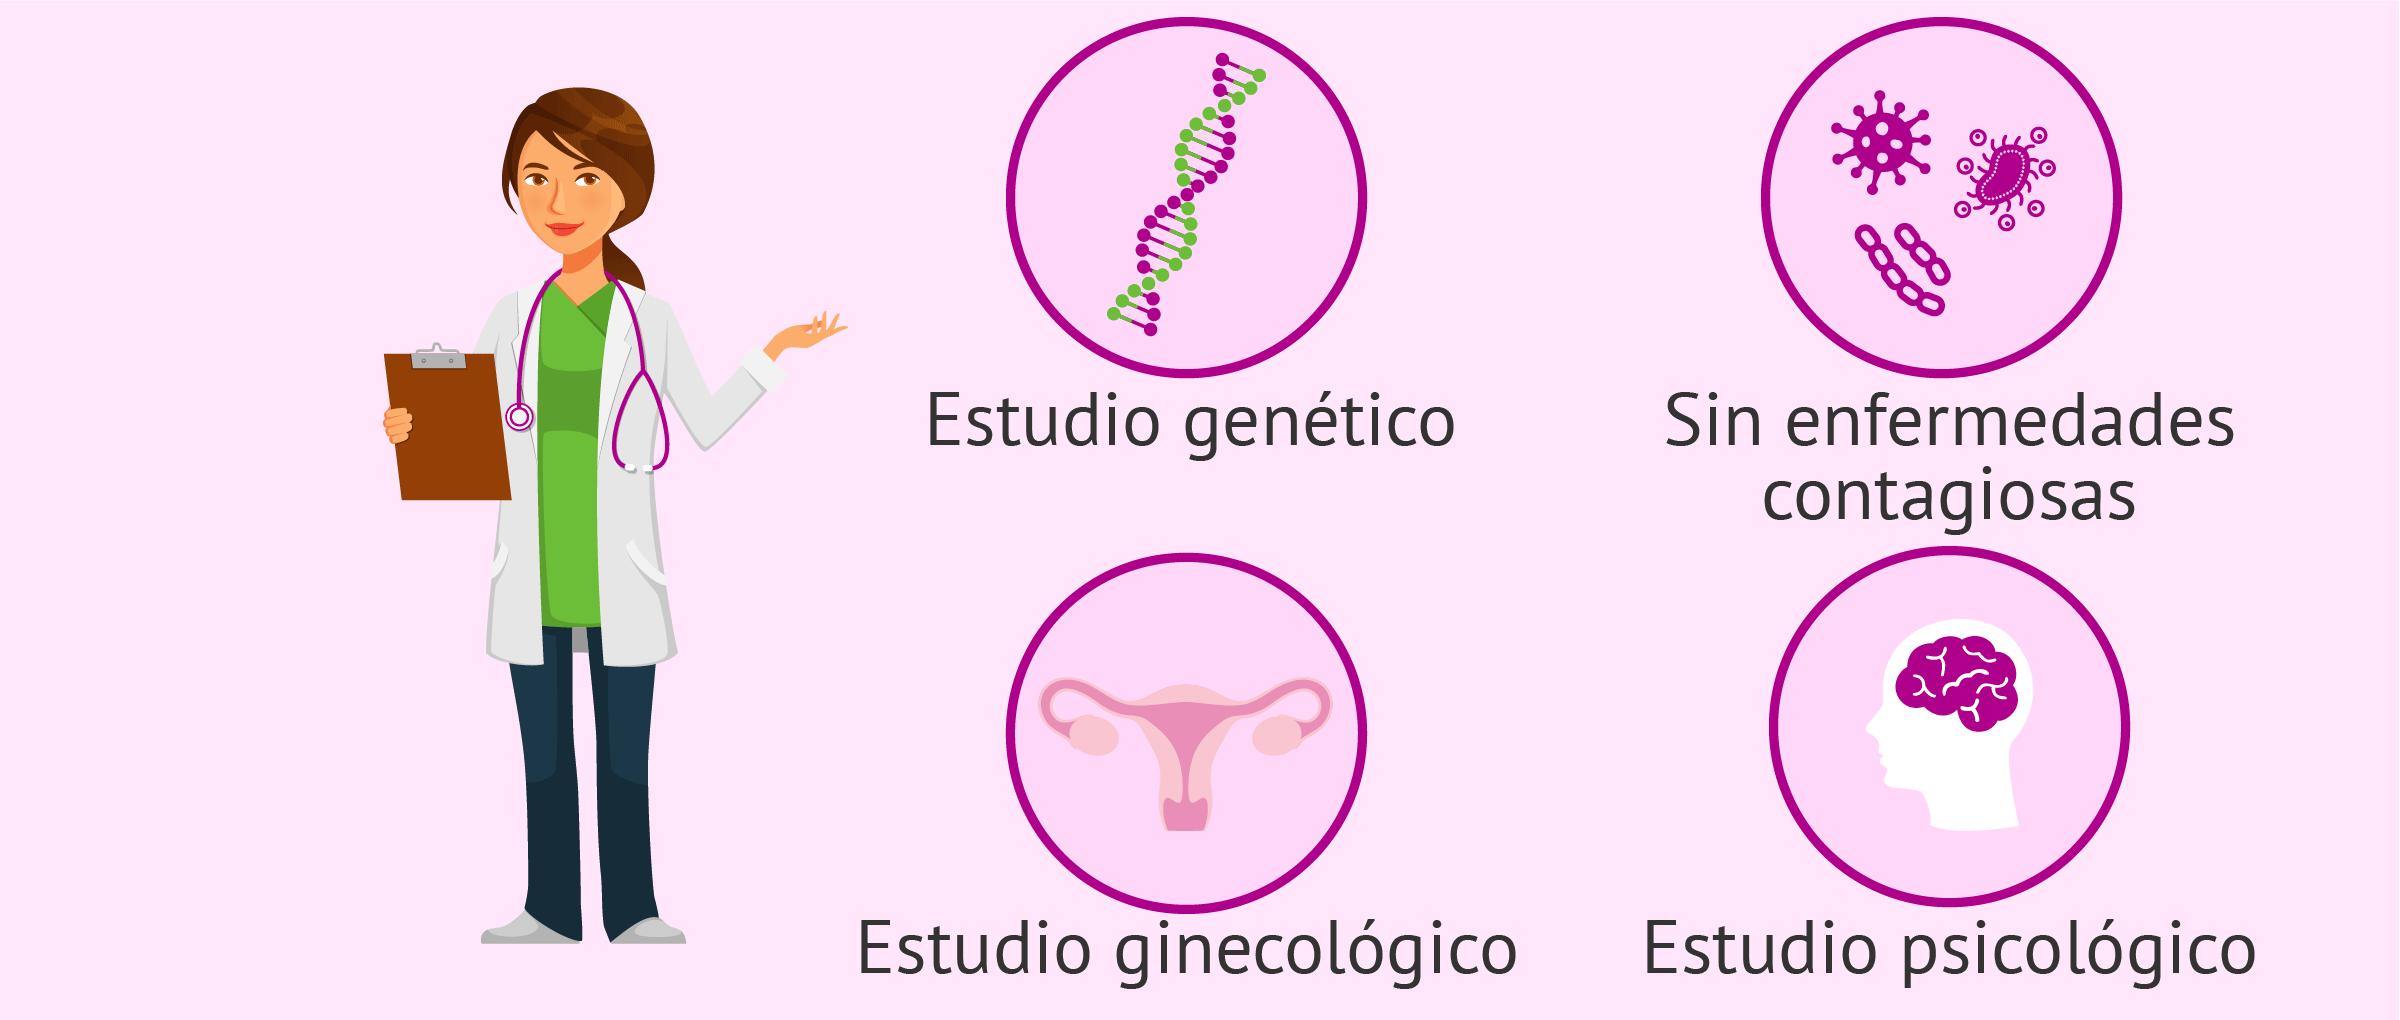 Pruebas que se les realizan a las donantes de óvulos